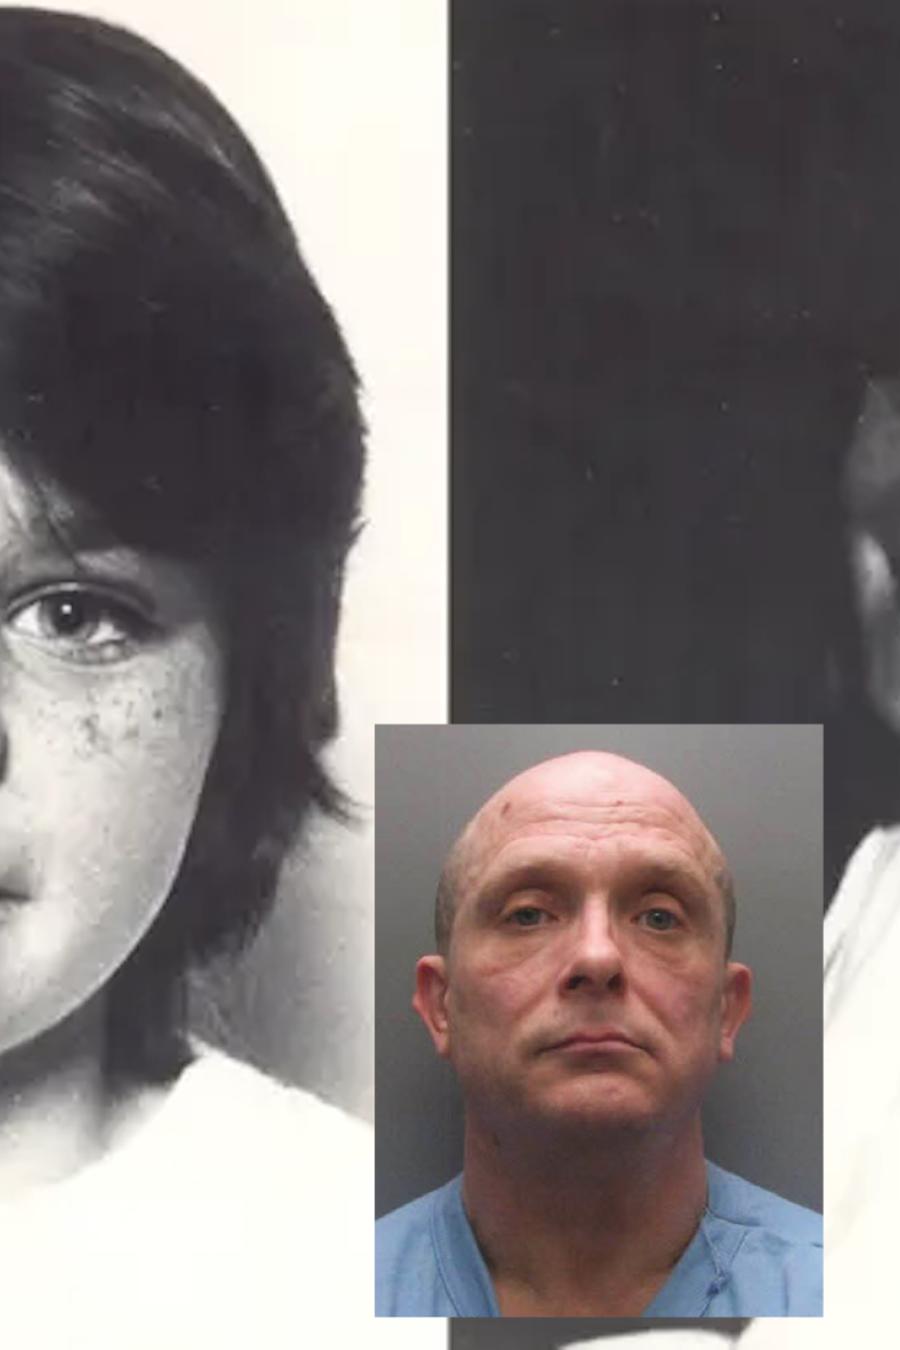 Karen Hadaway (izquierda) y Nicola Fellows, junto a la imagen de su asesino.